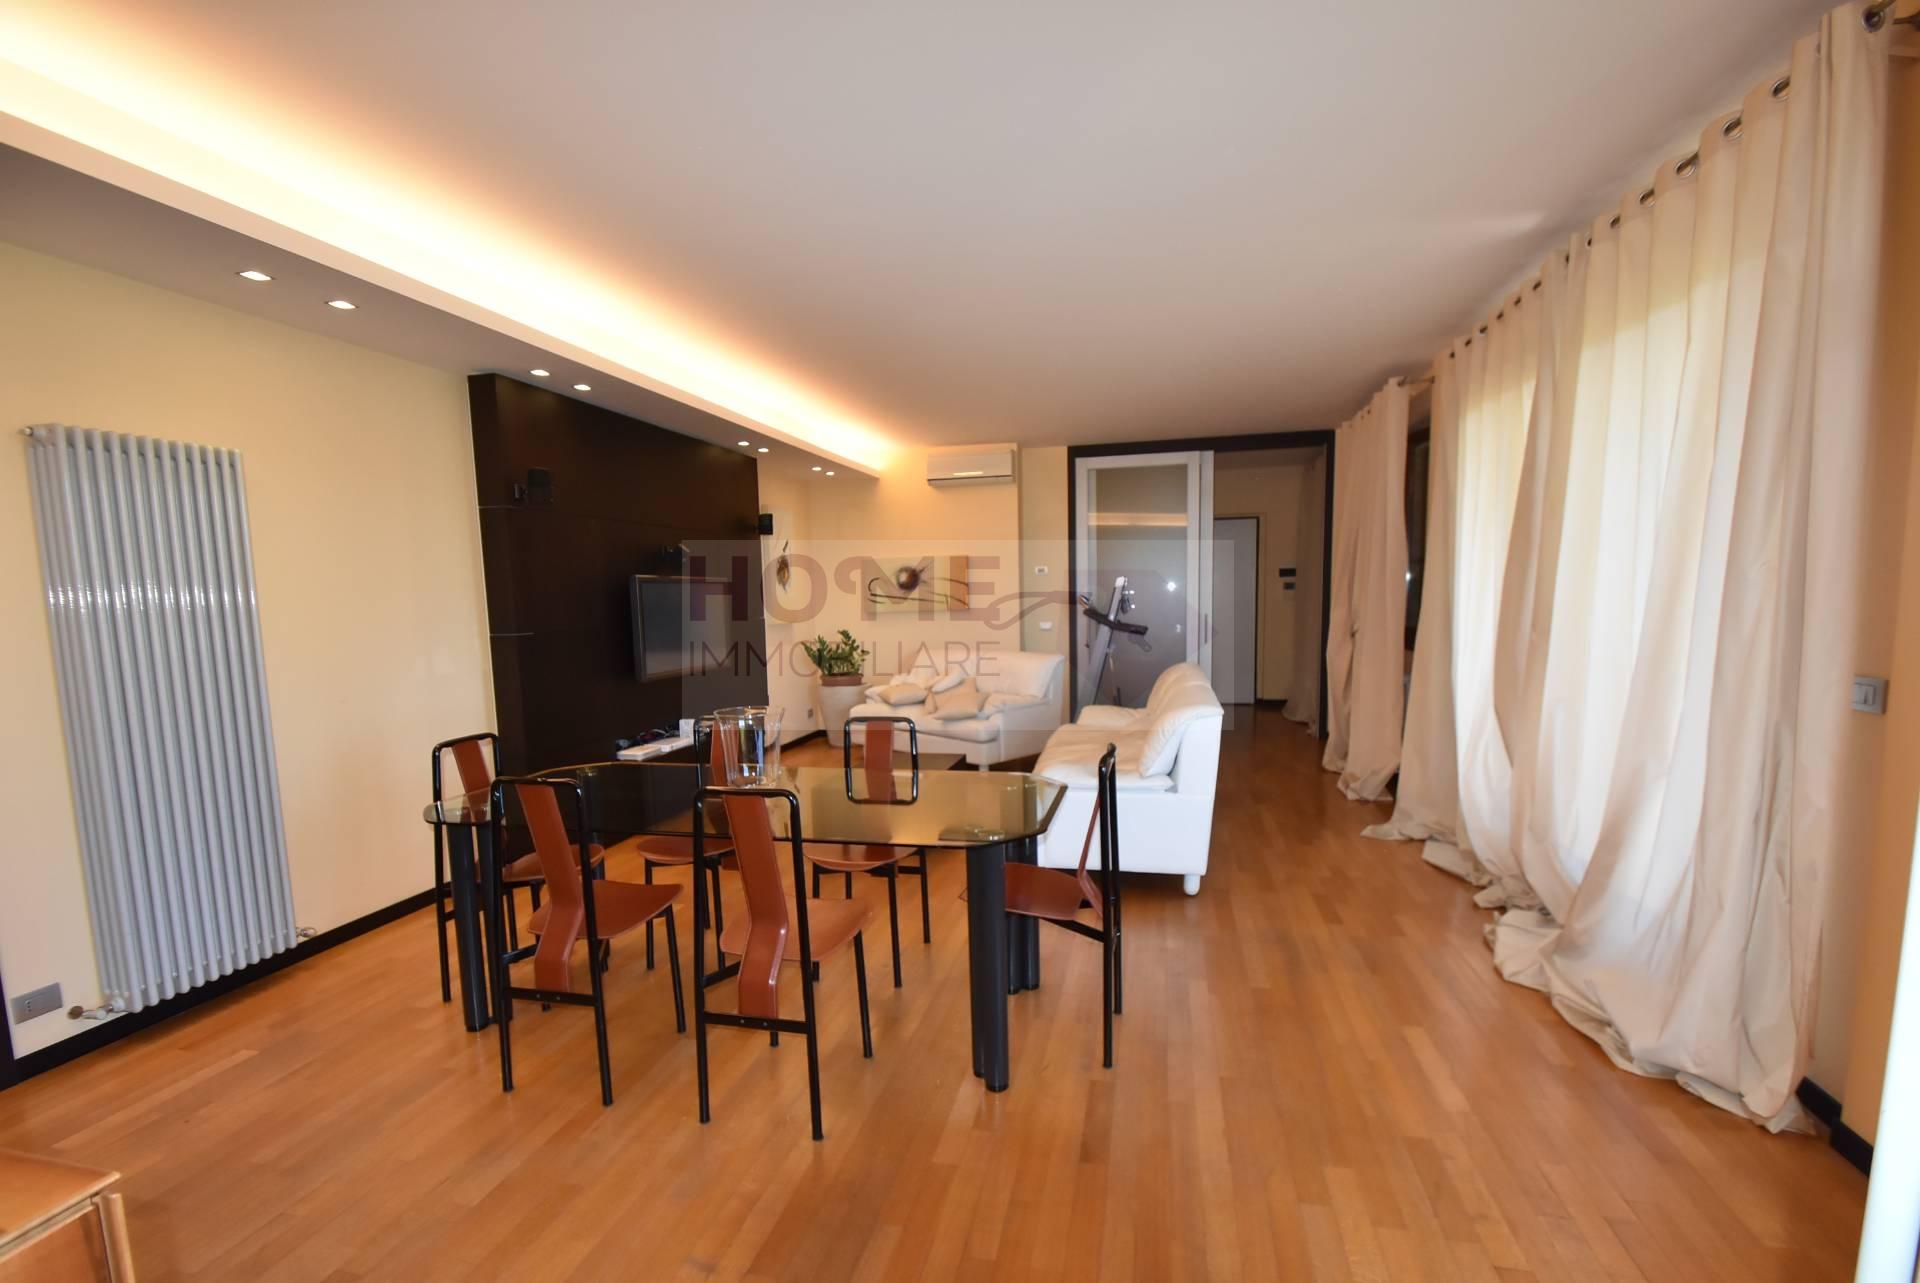 Appartamento in vendita a Macerata, 7 locali, zona Zona: Semicentrale, prezzo € 280.000 | CambioCasa.it